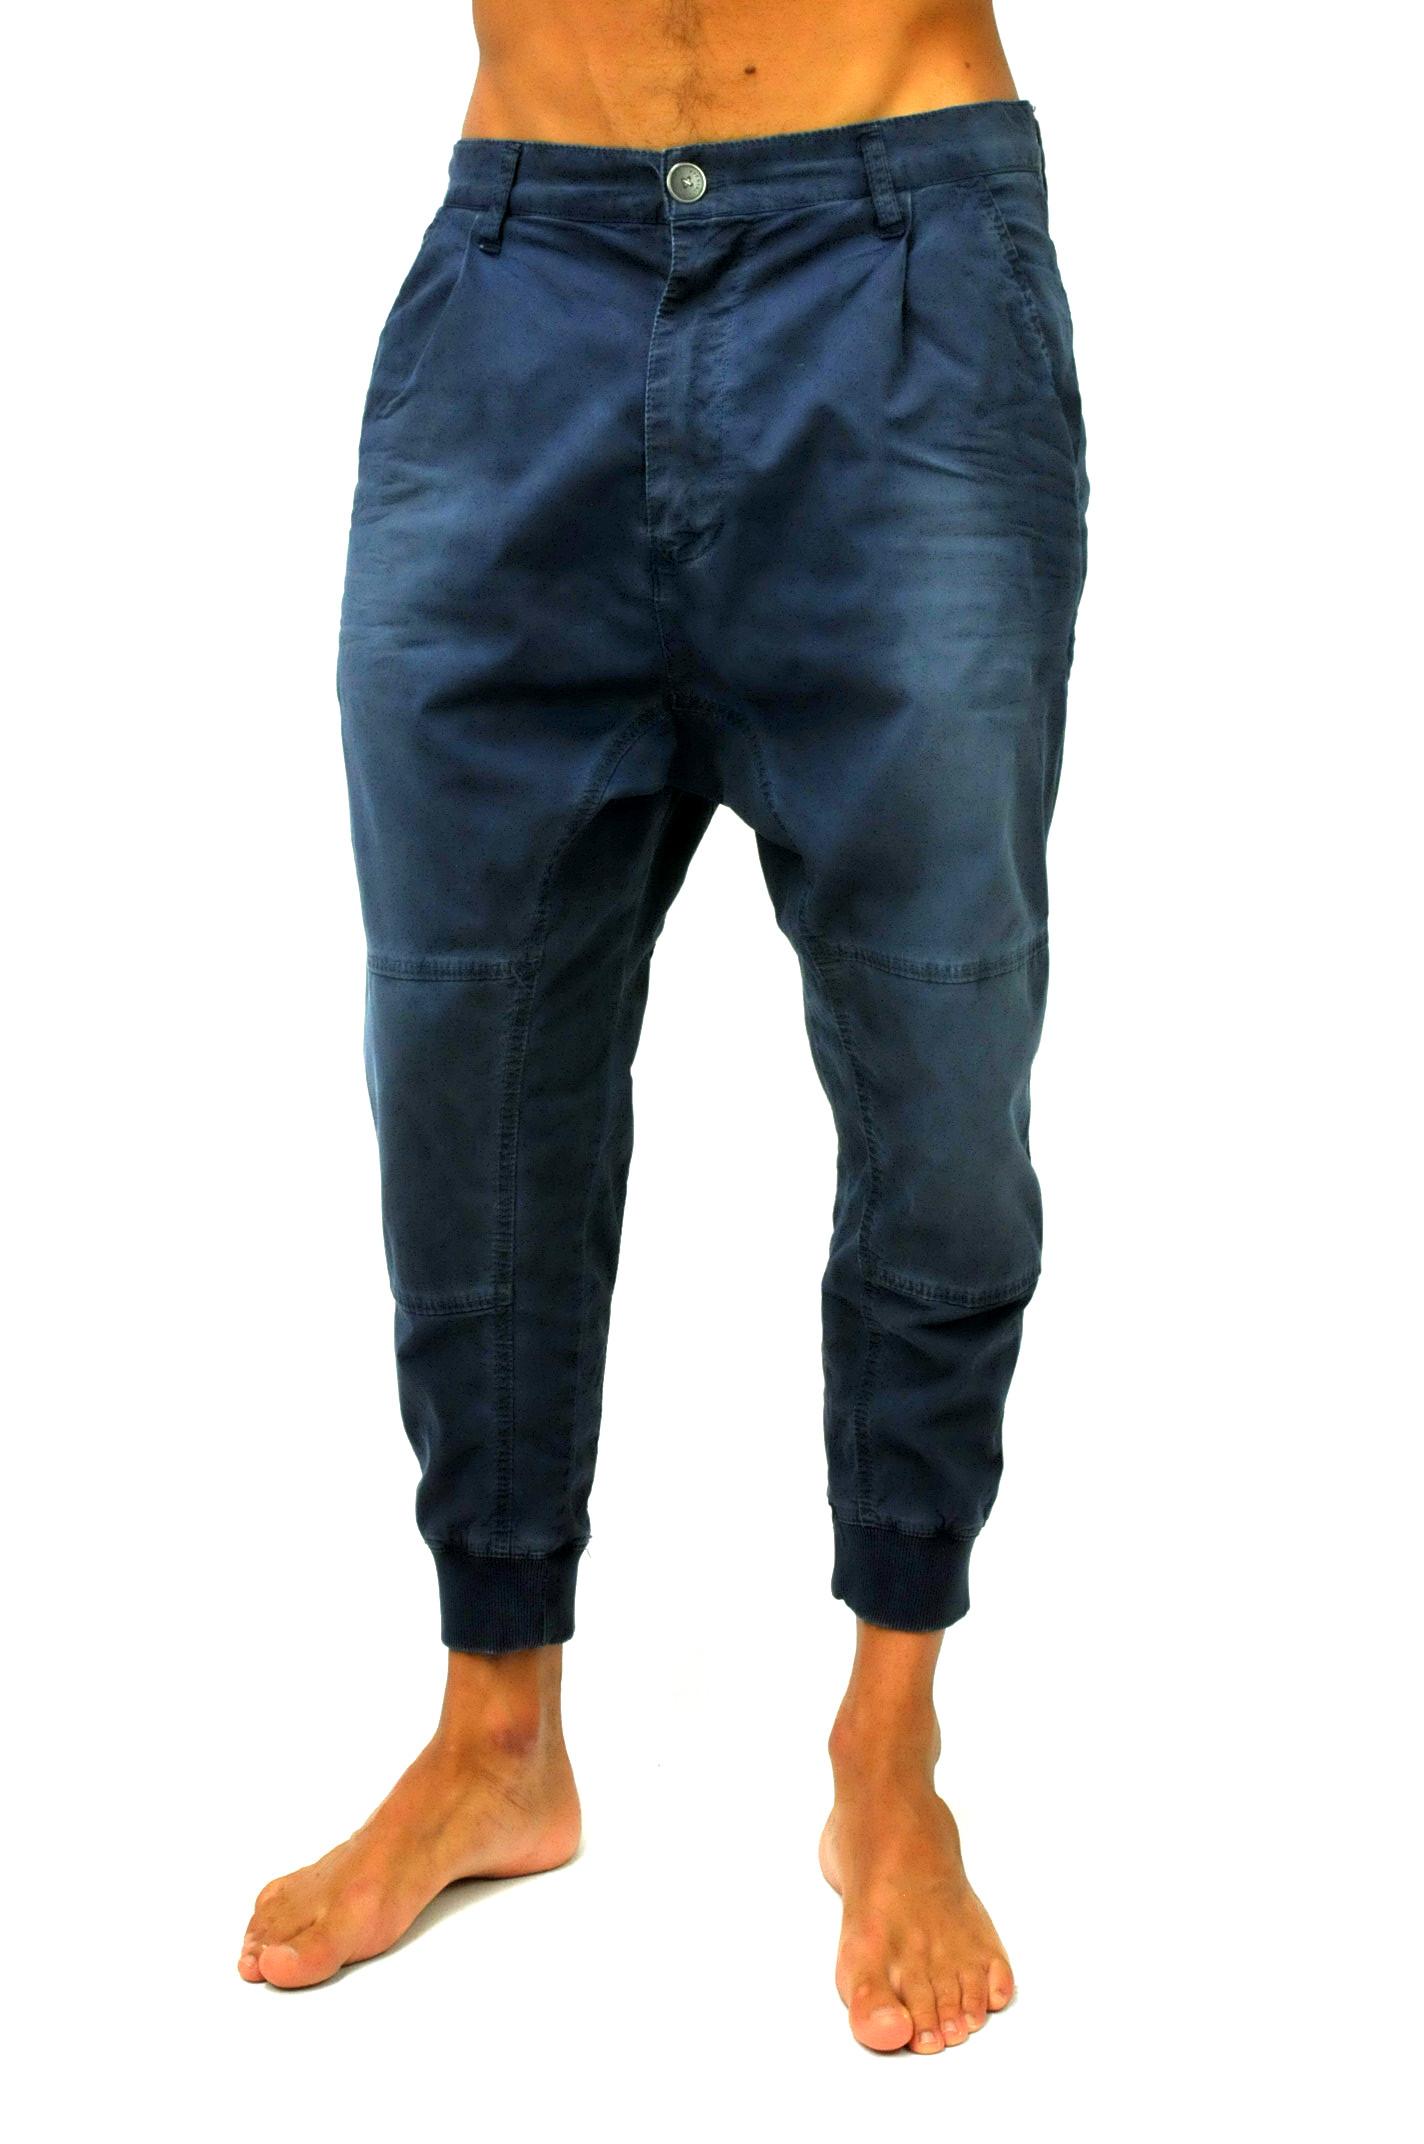 a basso prezzo 6588d c57ab Pantalone baggy con polsino su caviglia